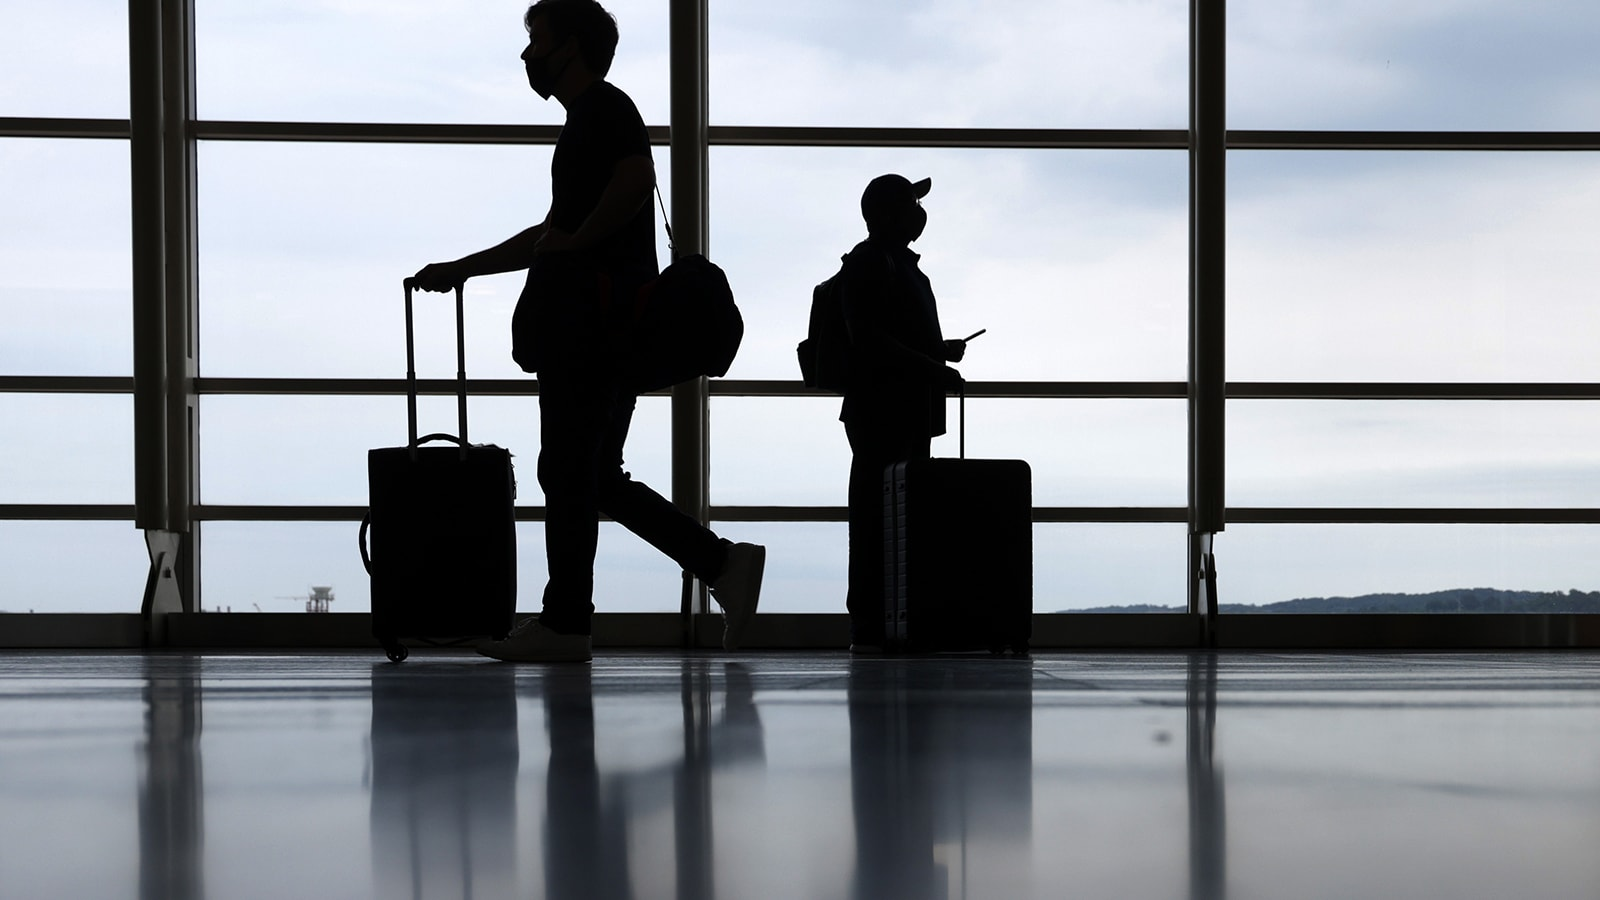 مع رفع قيود كورونا في العديد من الأماكن.. إليك كيف يمكنك السفر بأمان مع أطفالك غير الملقحين